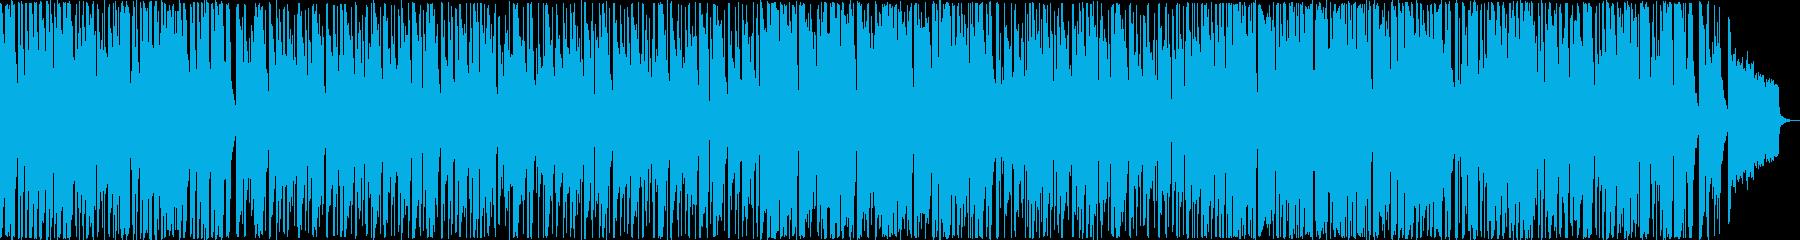 アコギとサックスのさわやかで優しい曲の再生済みの波形